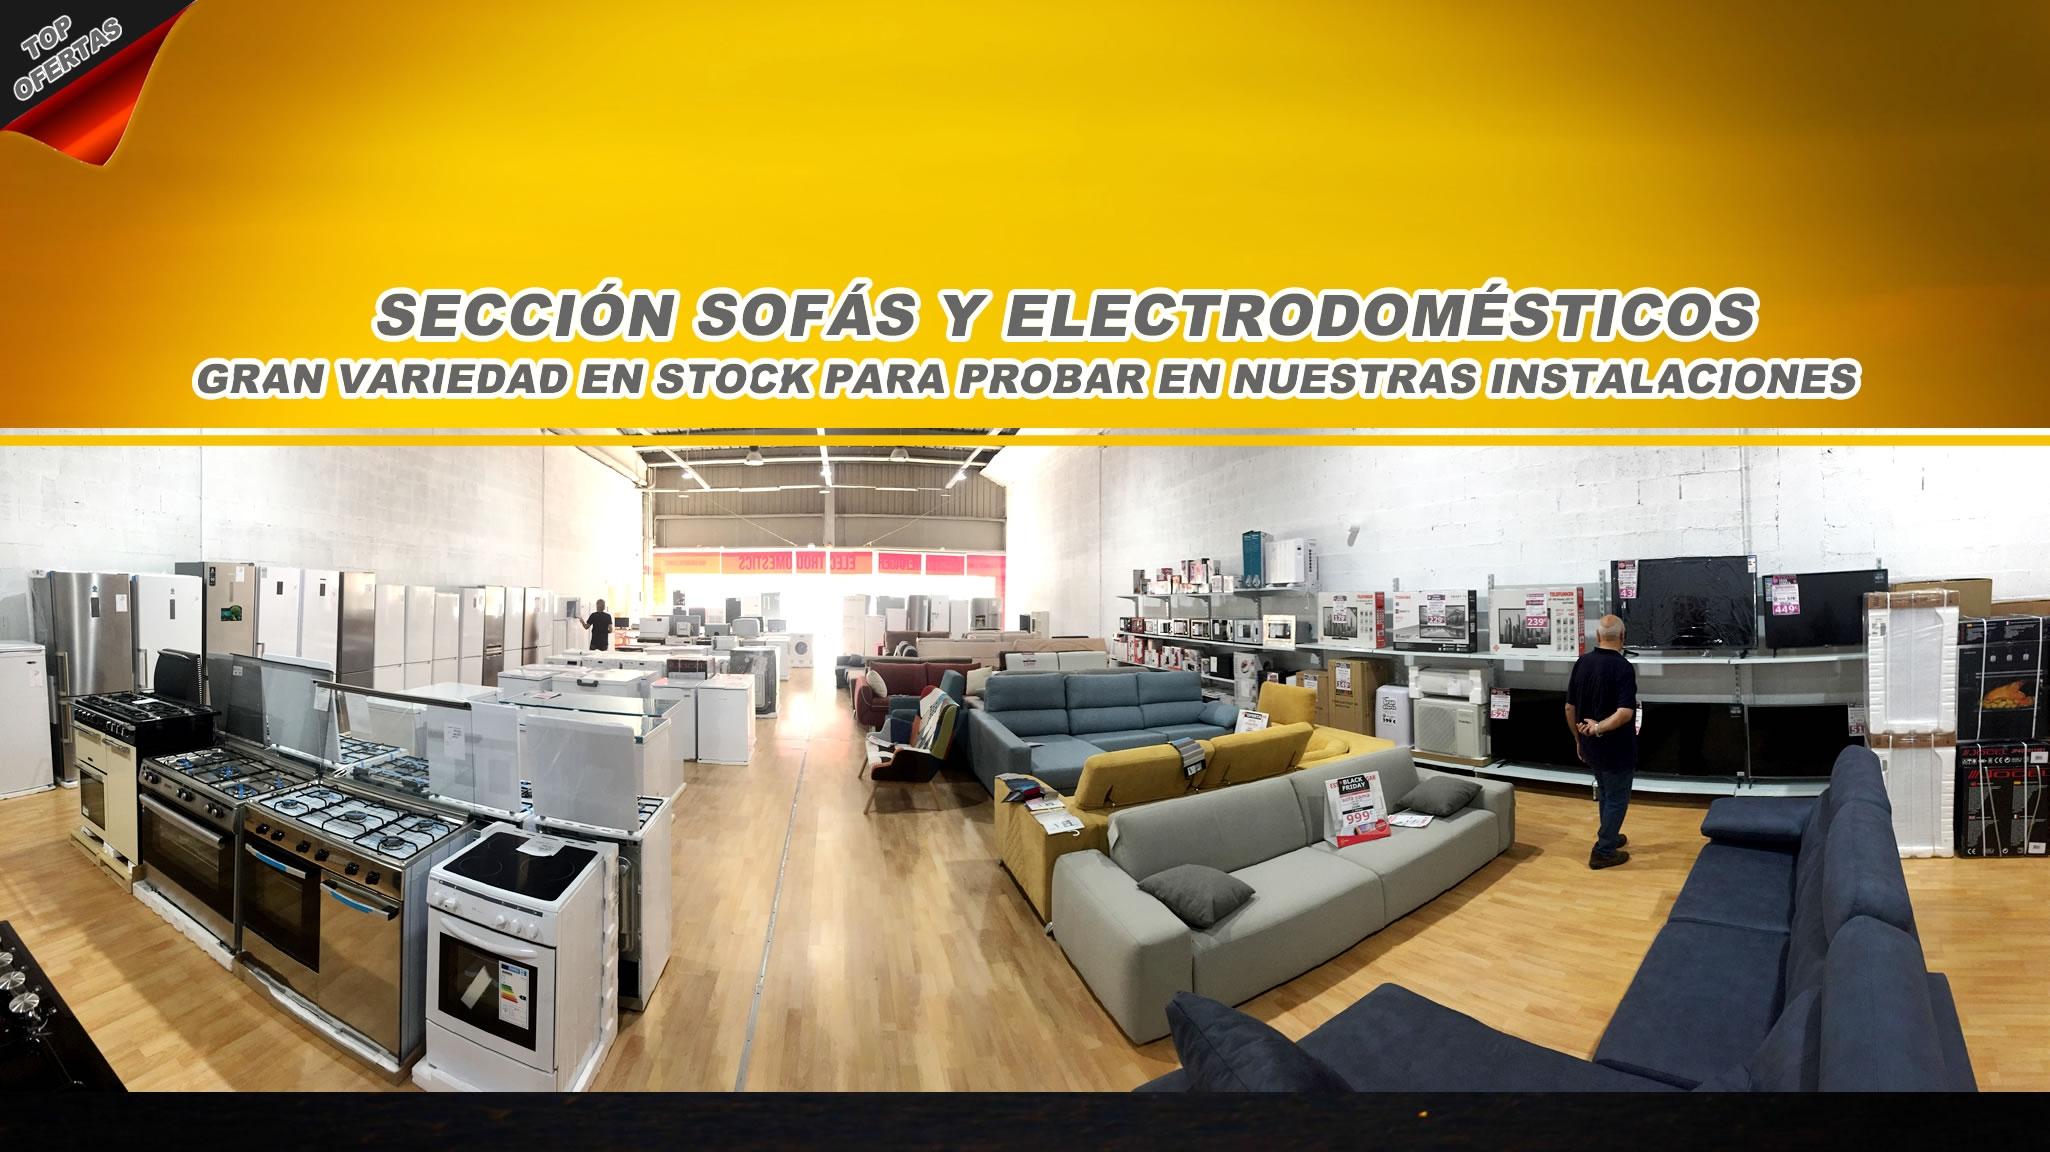 SECCION ELECTRODOMESTICOS - MEJORES PRECIOS EN FIGUERES - GIRONA